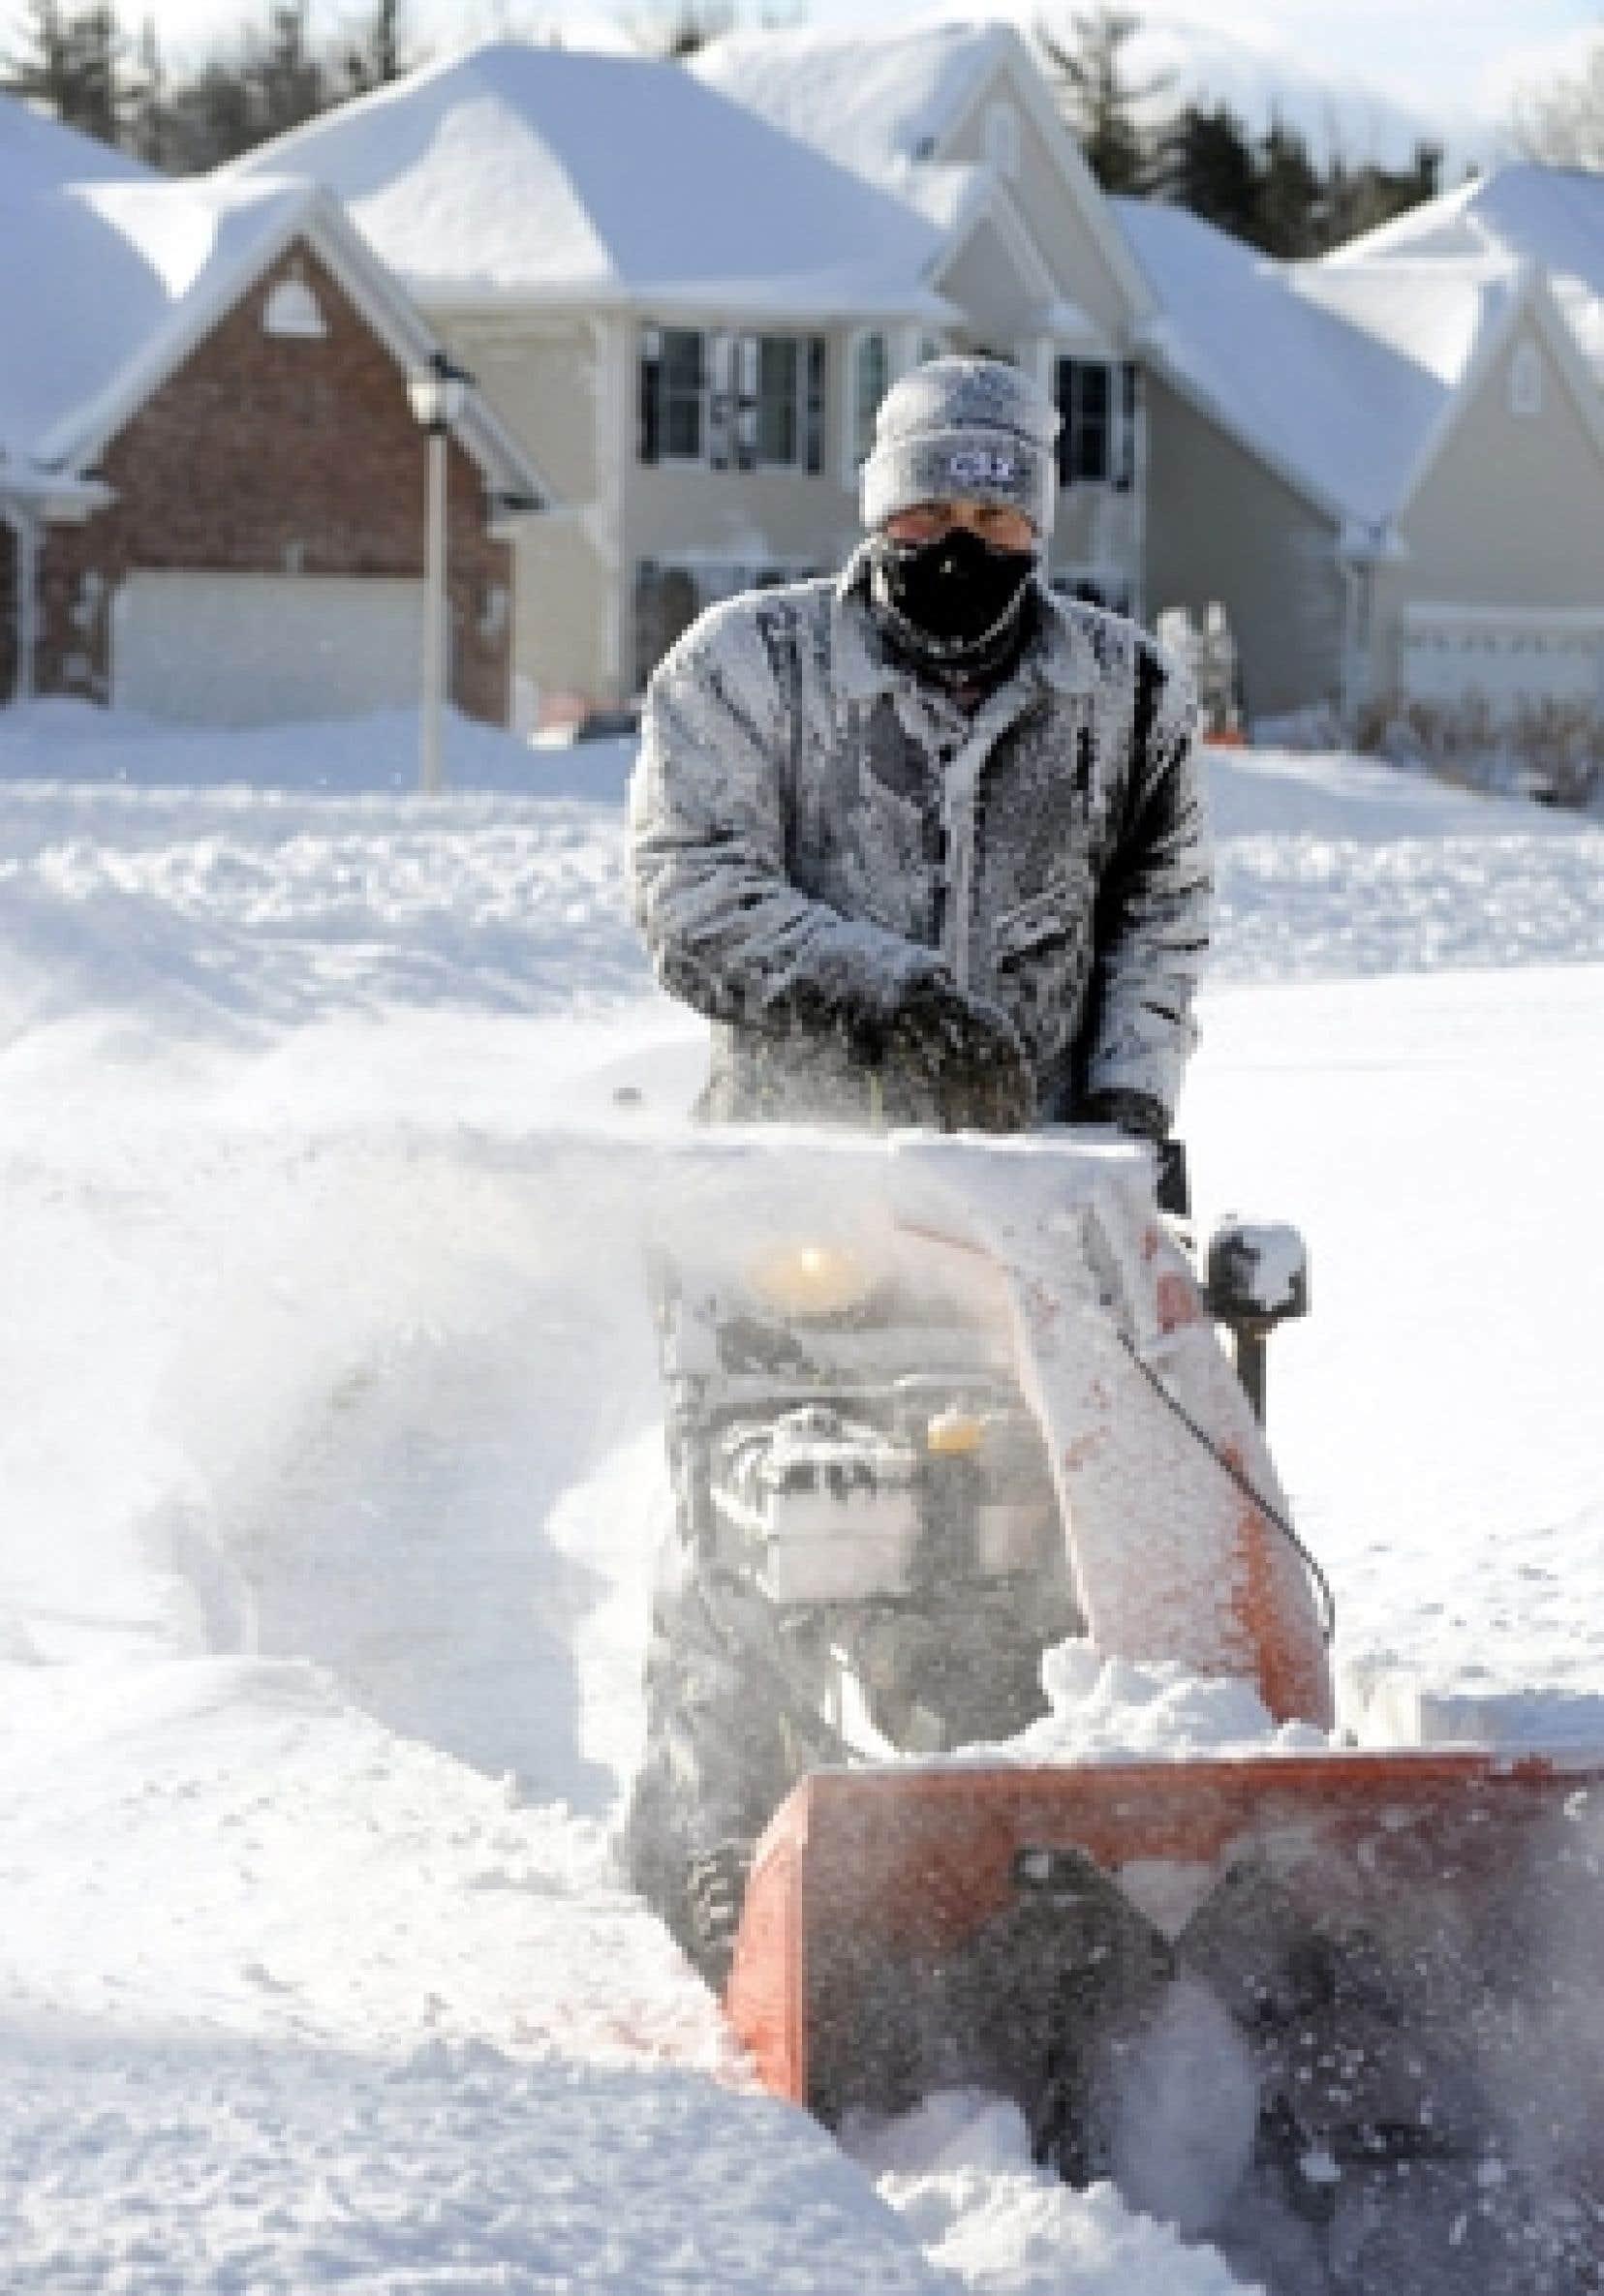 Un résidant de Lancaster, dans l'État de New York, goûte aux joies de l'hiver.